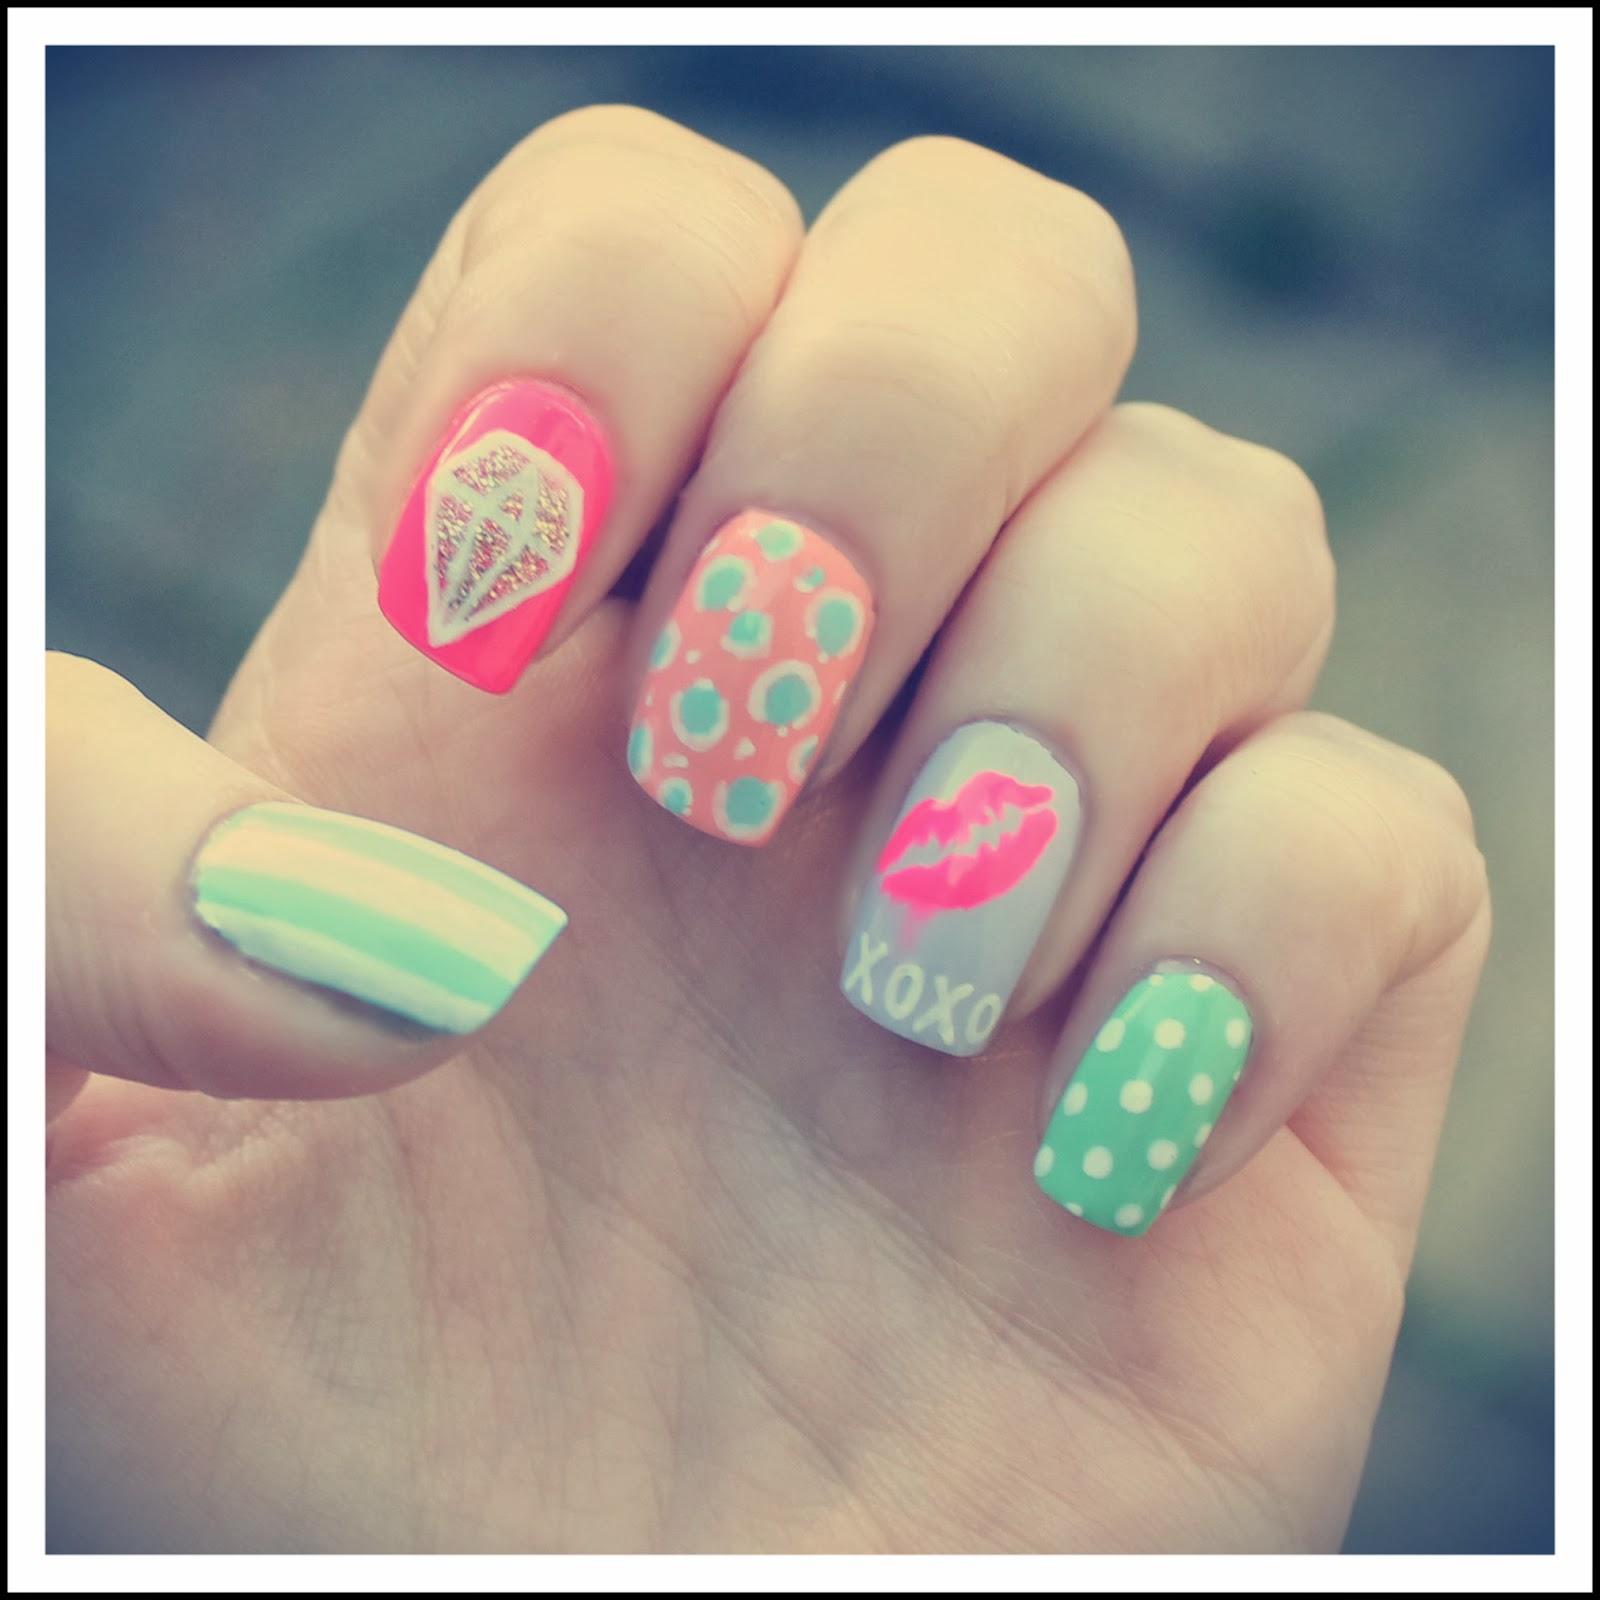 Dahlia Nails Nail Art Feb Xoxo